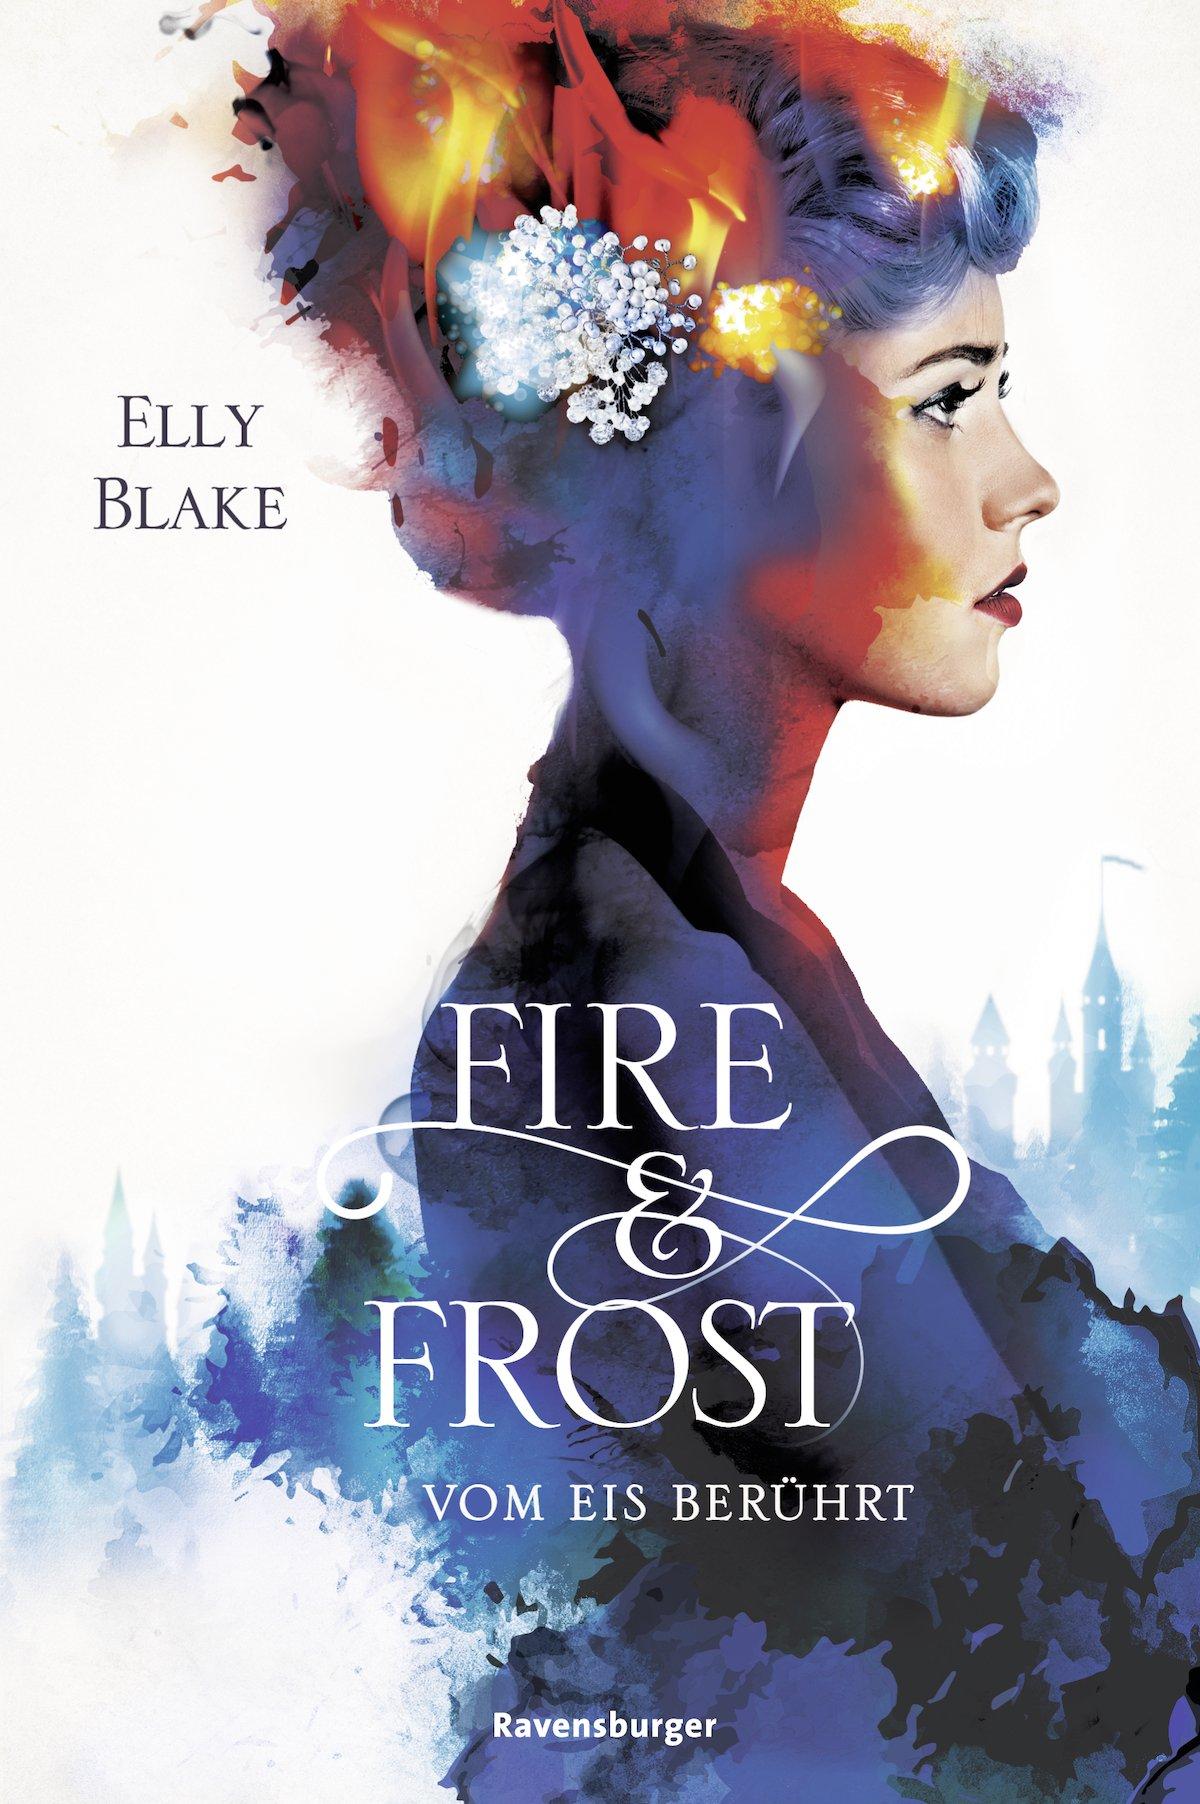 Bildergebnis für fire & frost